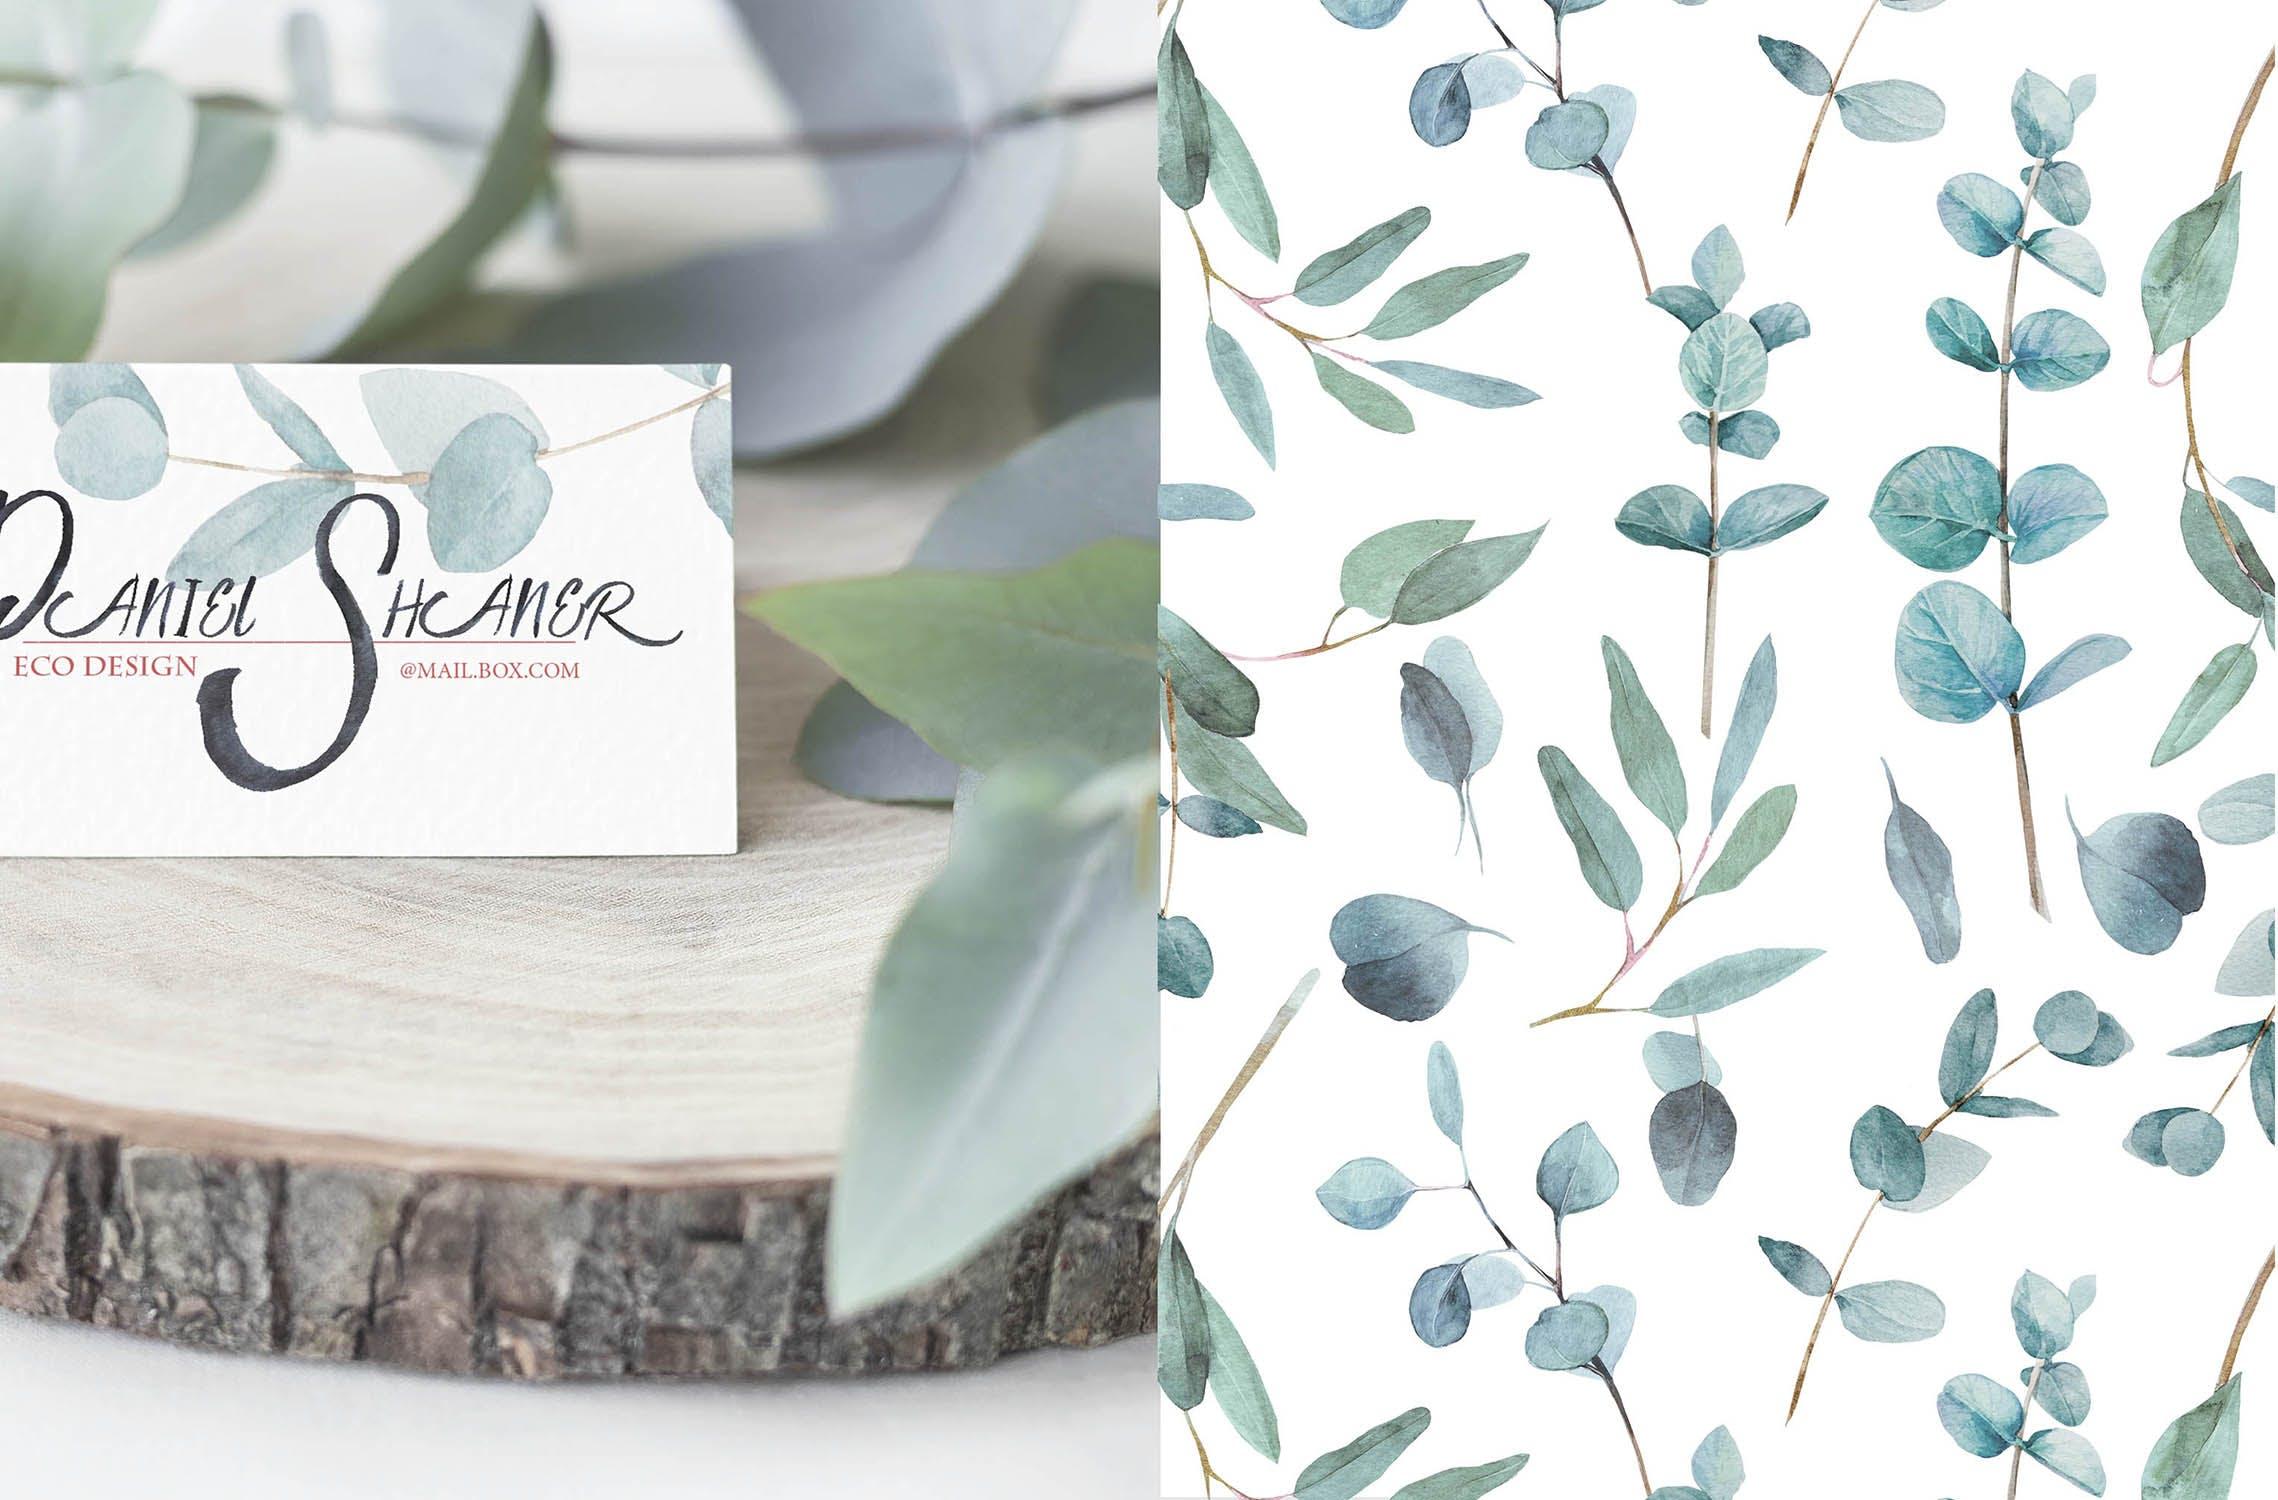 绿植素材相框装饰画墙纸壁纸画Seamless patterns Artarian vol 23插图(4)